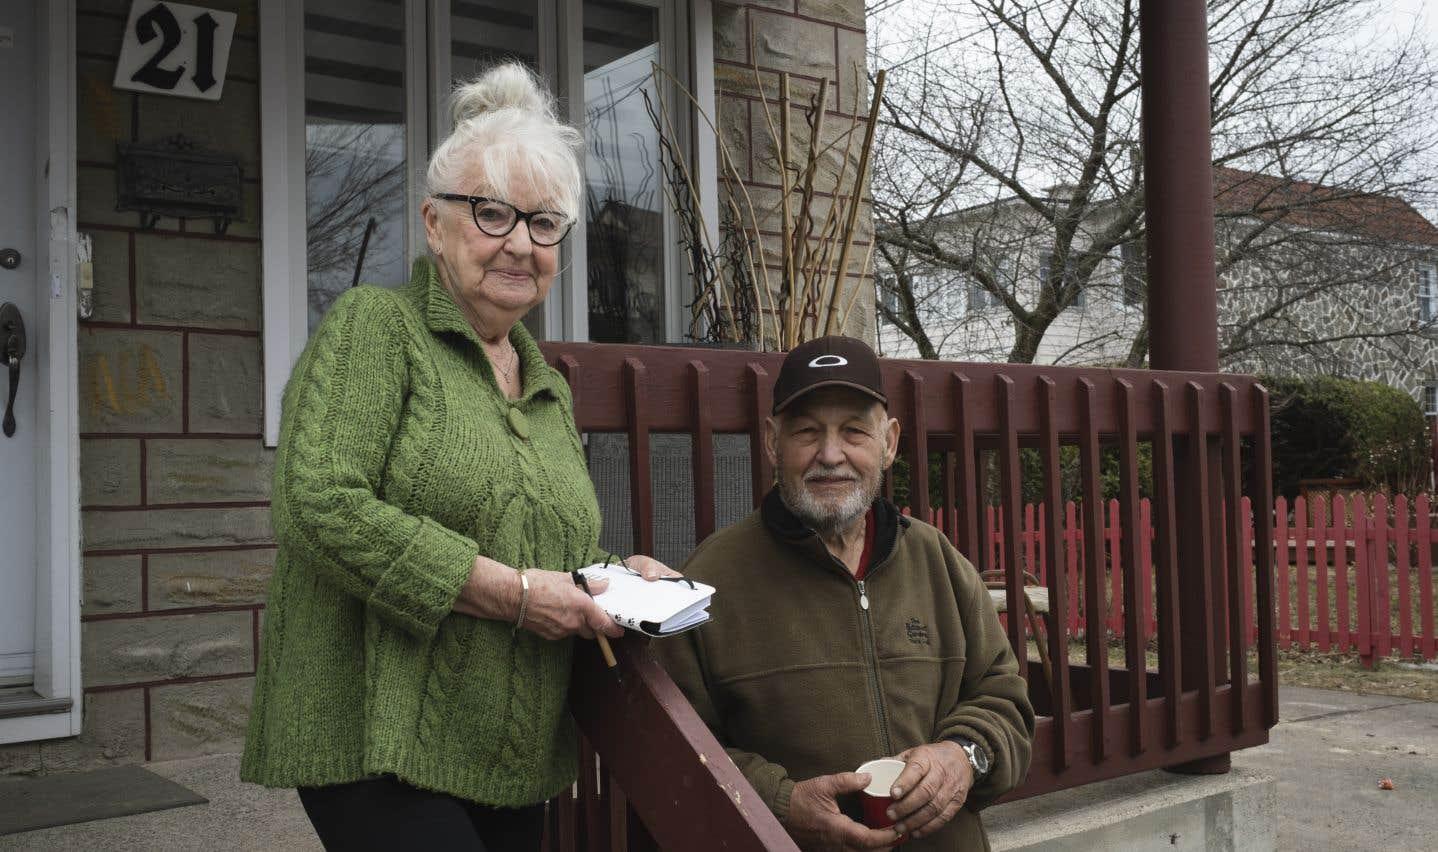 Louise Klimko avait du mal à contenir son émotion en regardant les «jeunes» travailler. «Eux autres, ils l'ont vraiment, la richesse du cœur», mentionne-t-elle aux côtés de son conjoint, Roger Trudel, 82 ans.